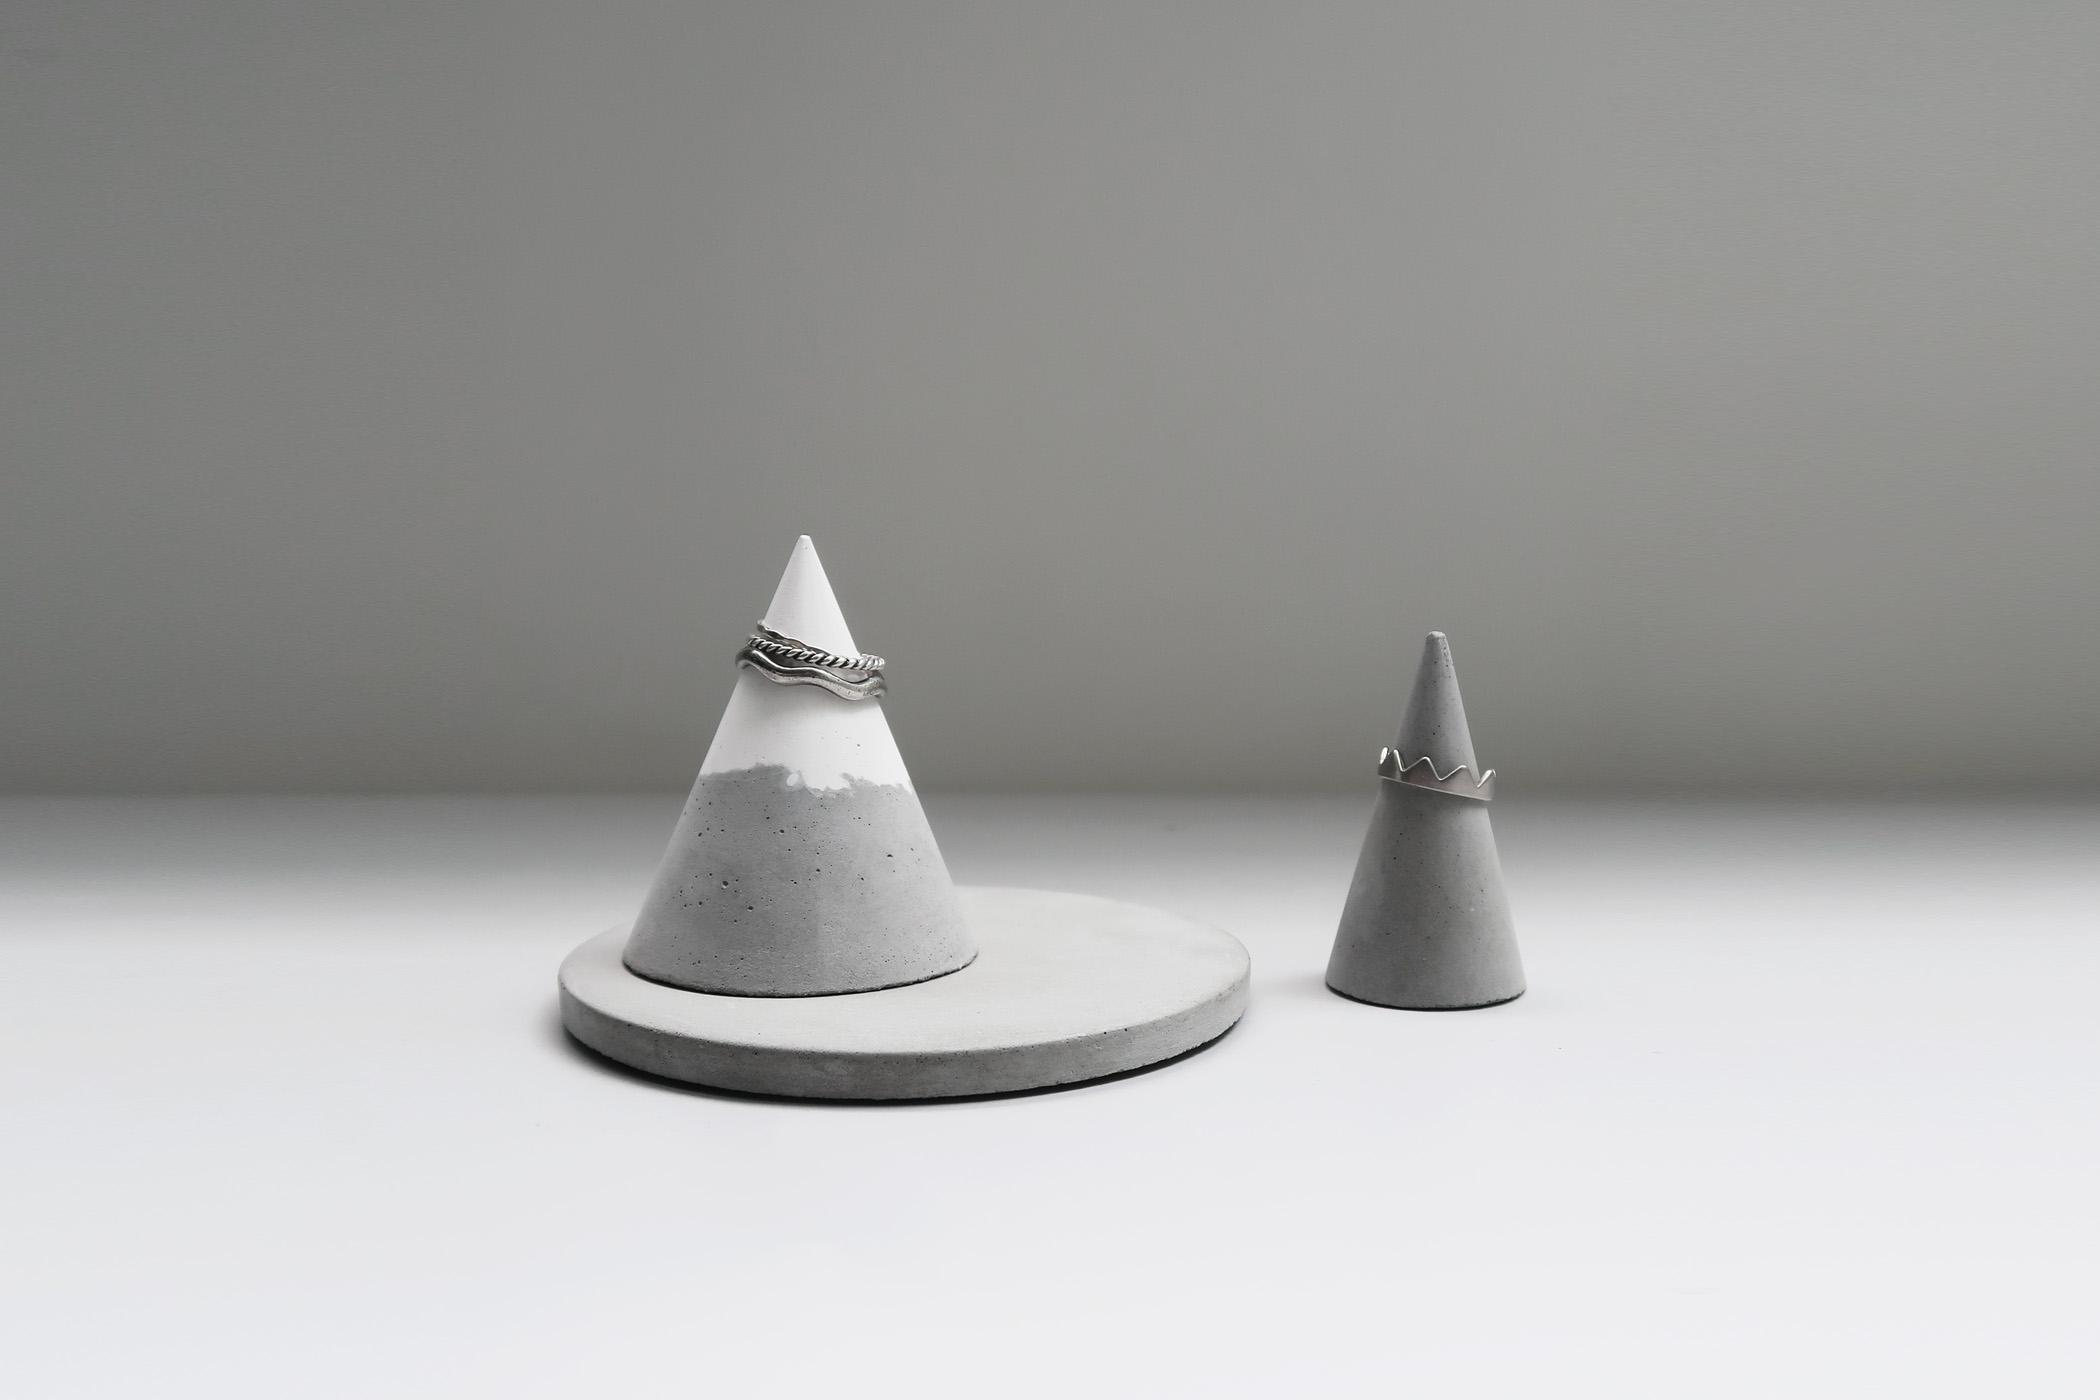 SNOWPACK 小山雪錐形水泥戒指座+飾品盤3件組